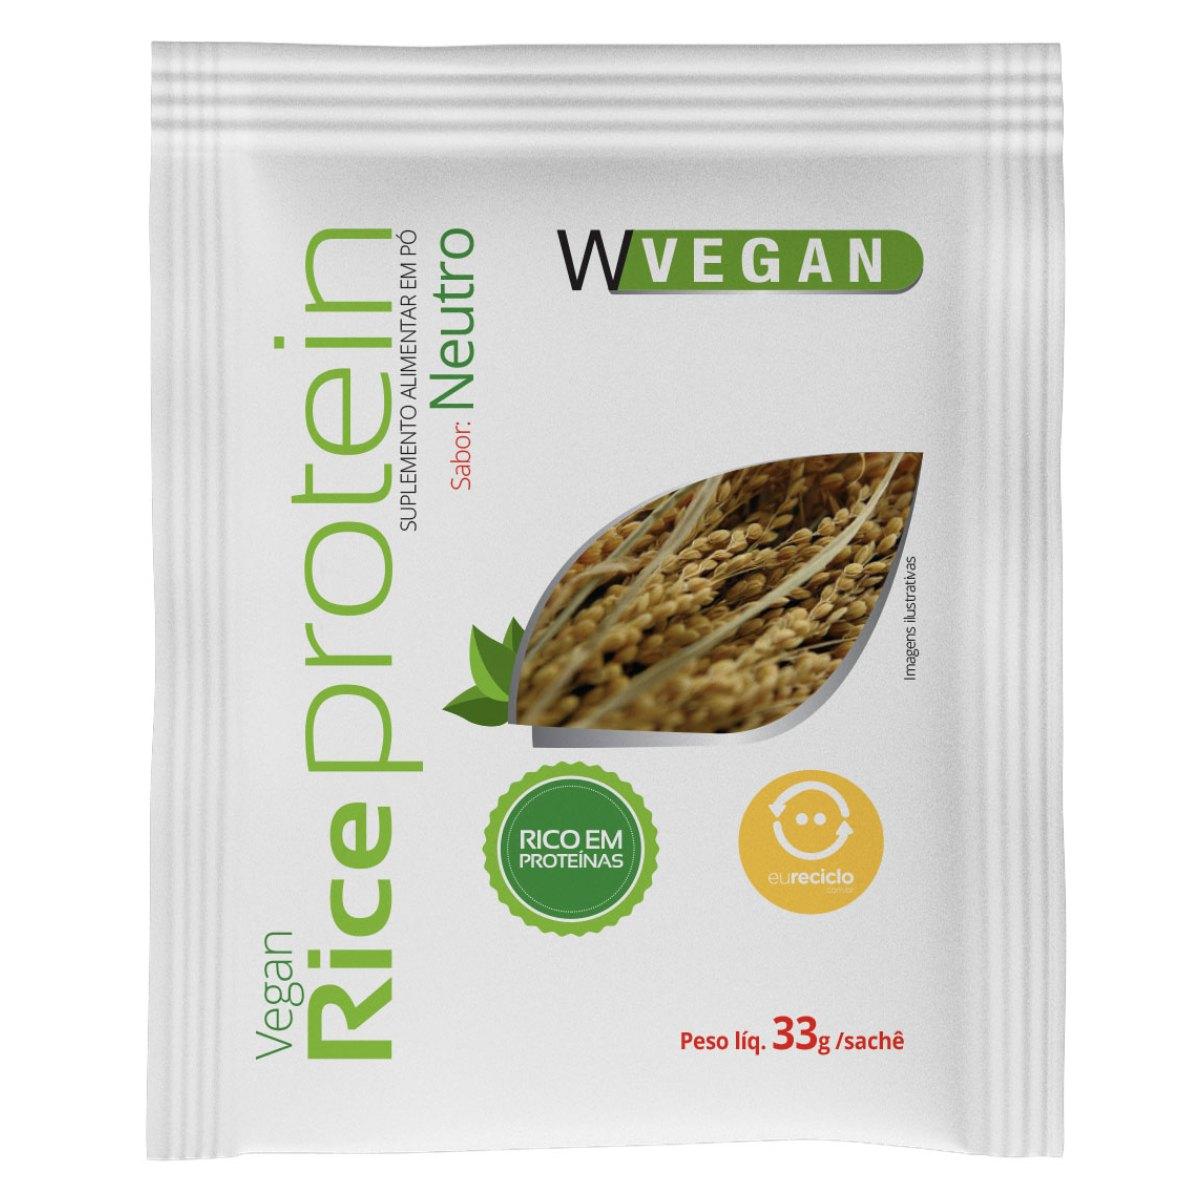 Rice Protein Sache 33g Neutro WVegan